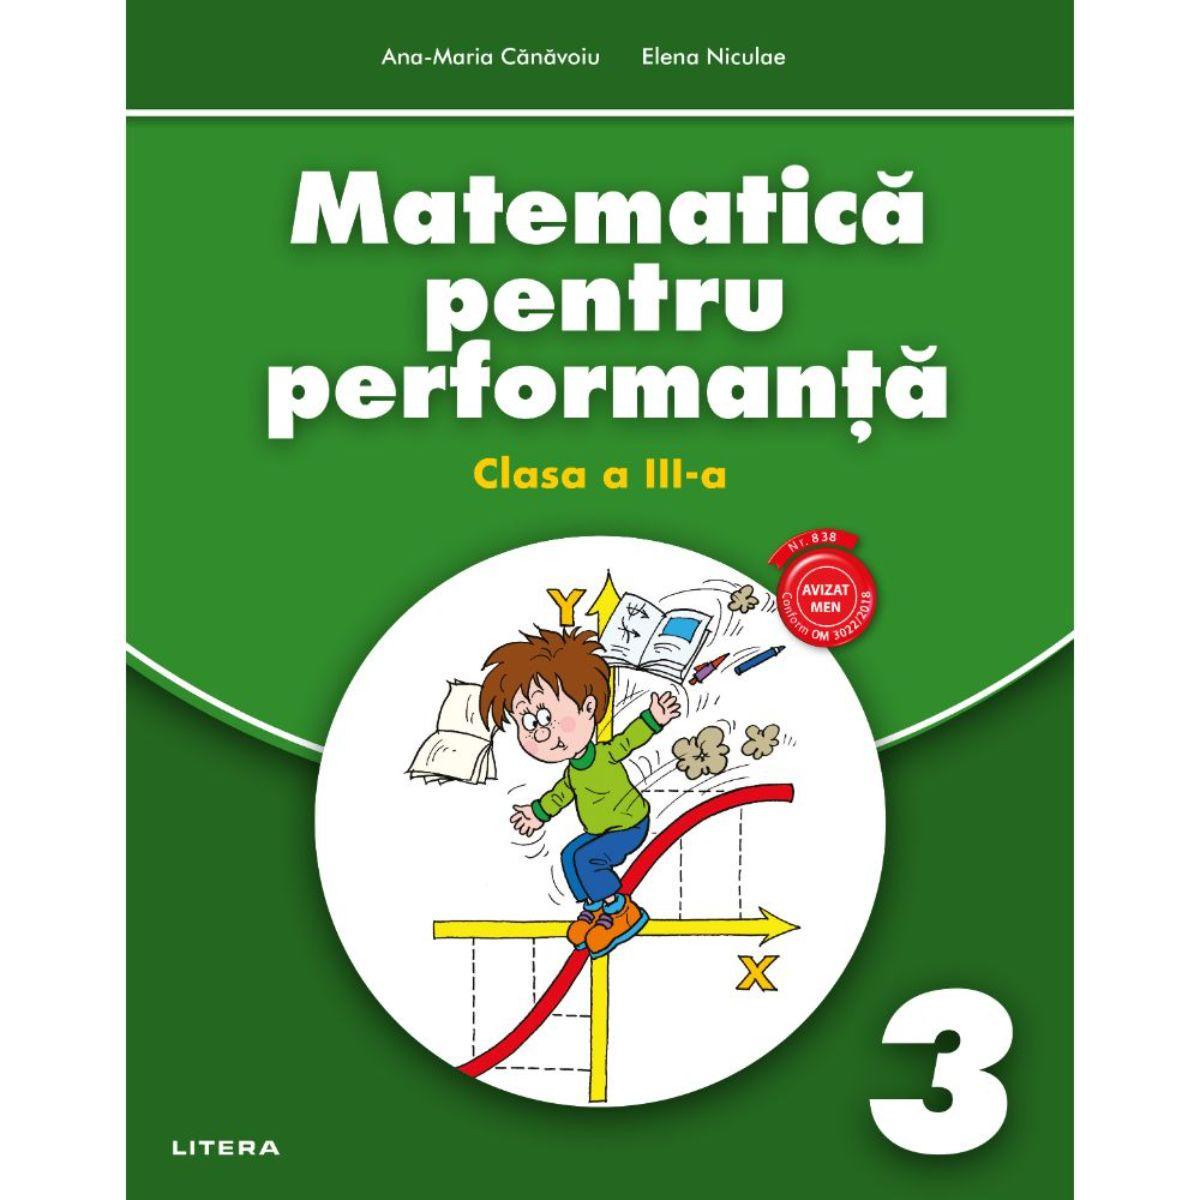 Matematica pentru performanta, Clasa a III-a